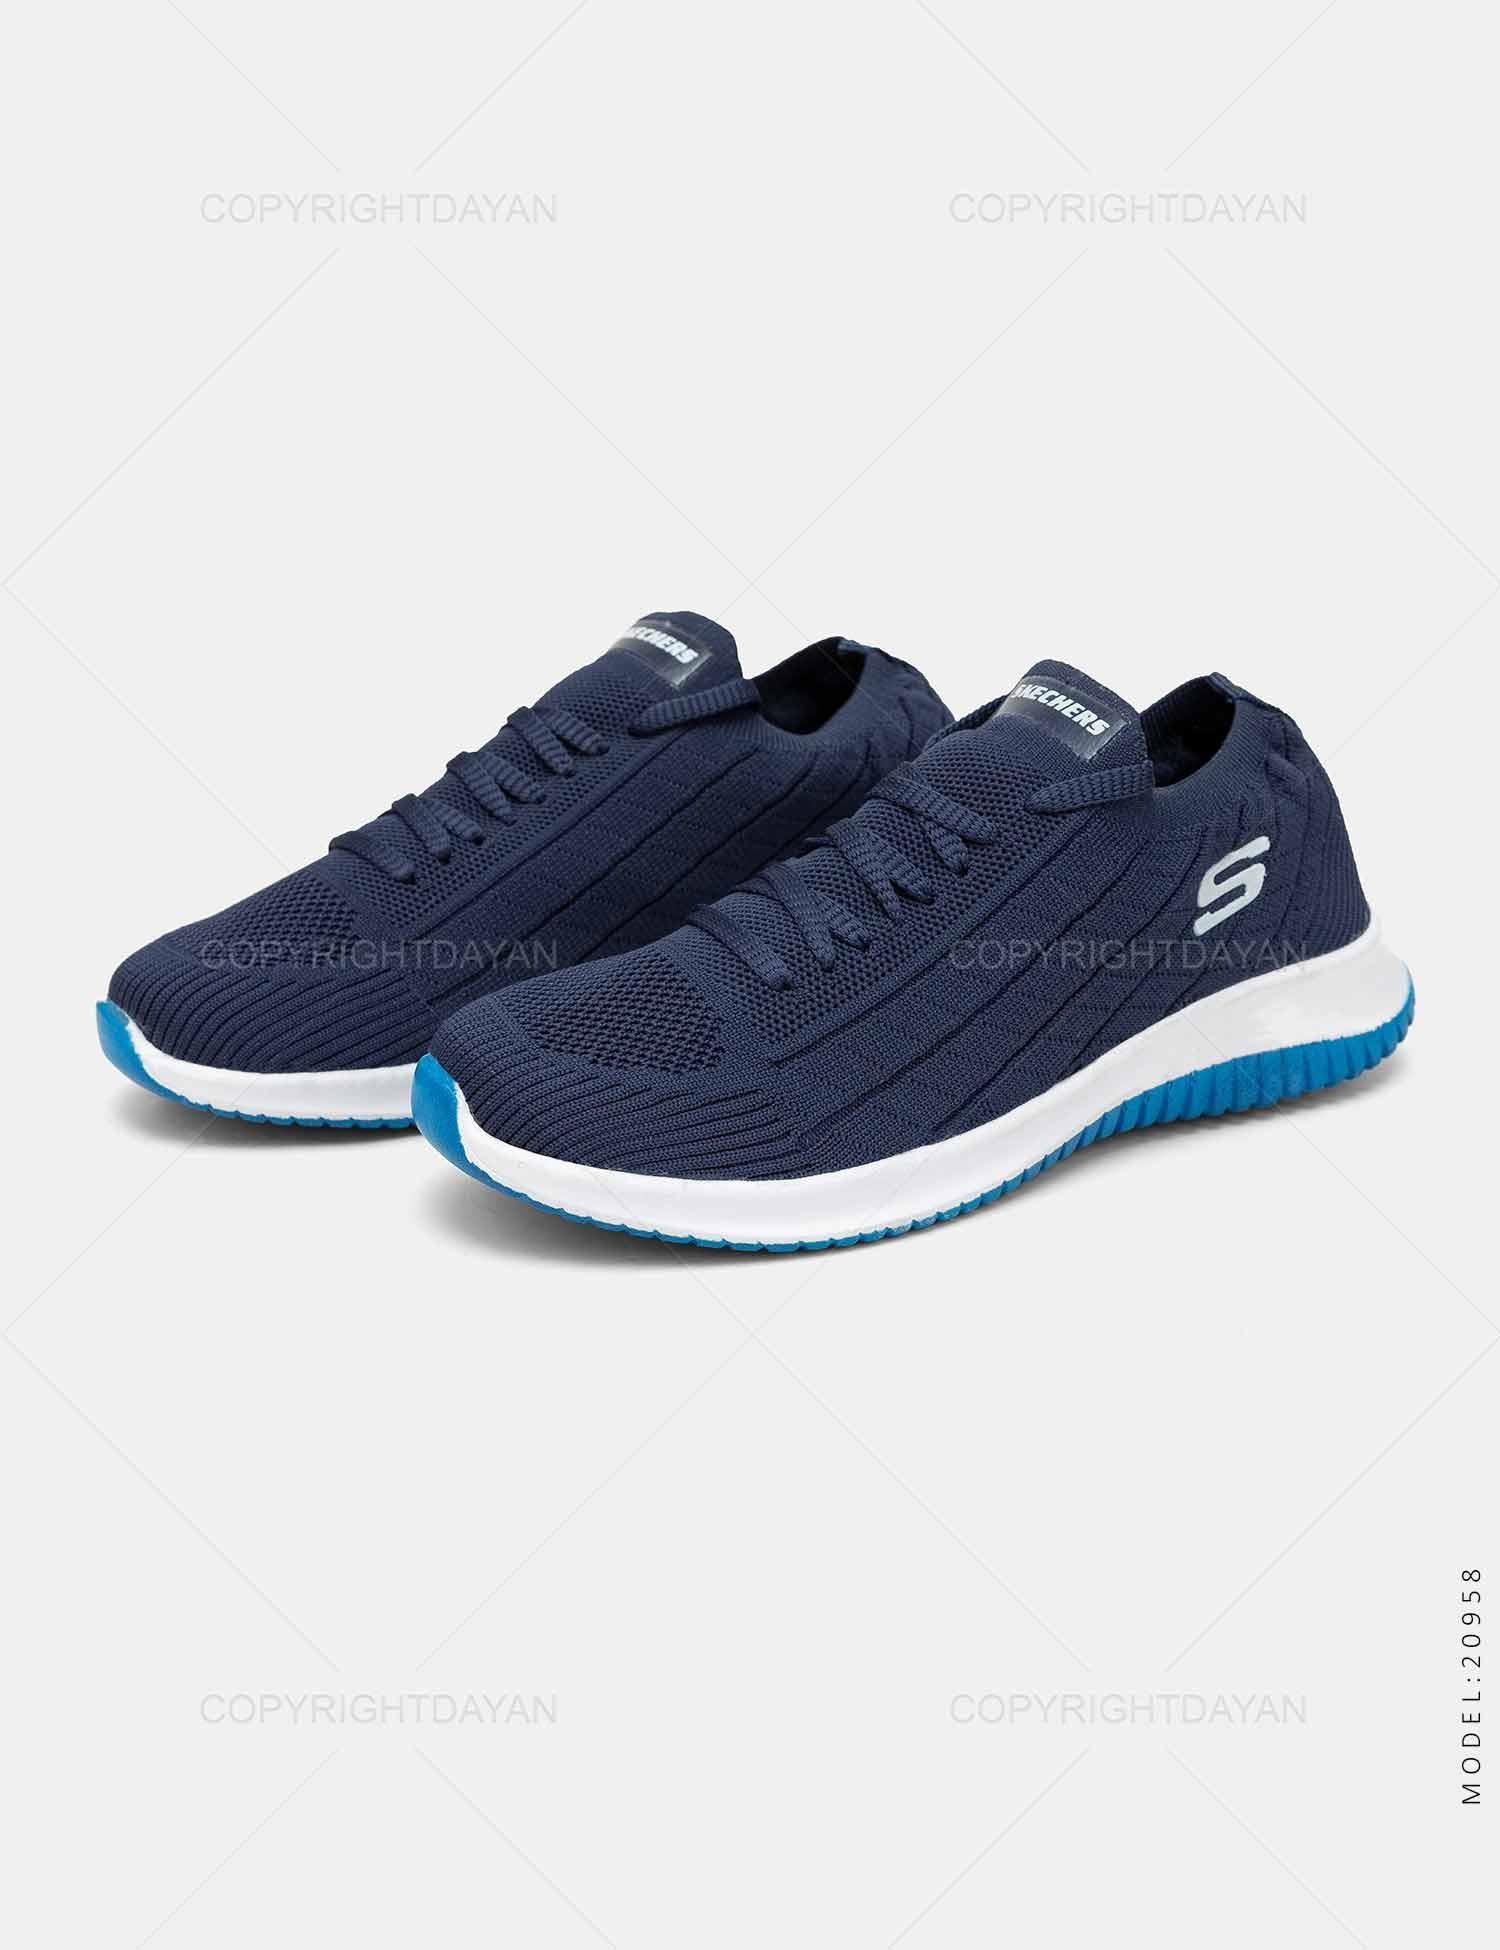 کفش ورزشی مردانه Skechers مدل 20958